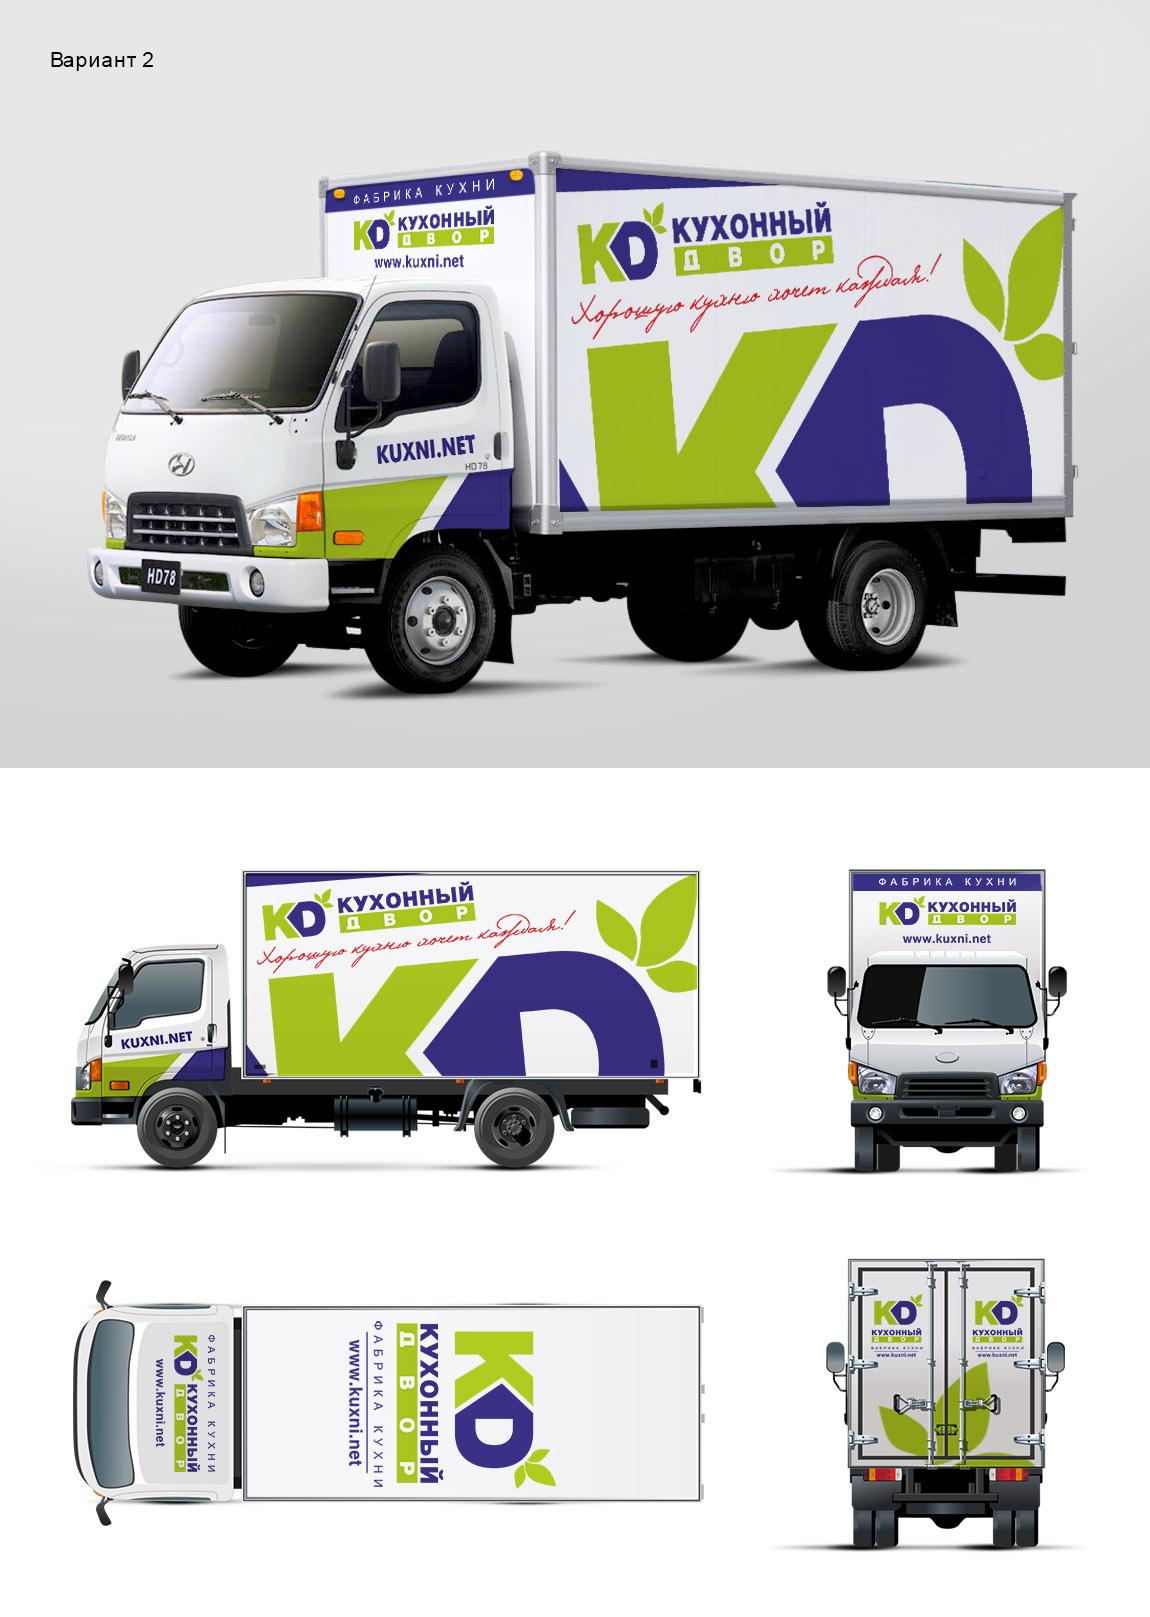 """Брендирование грузового авто для компании """"Кухонный двор"""" фото f_41359c93a3451465.jpg"""